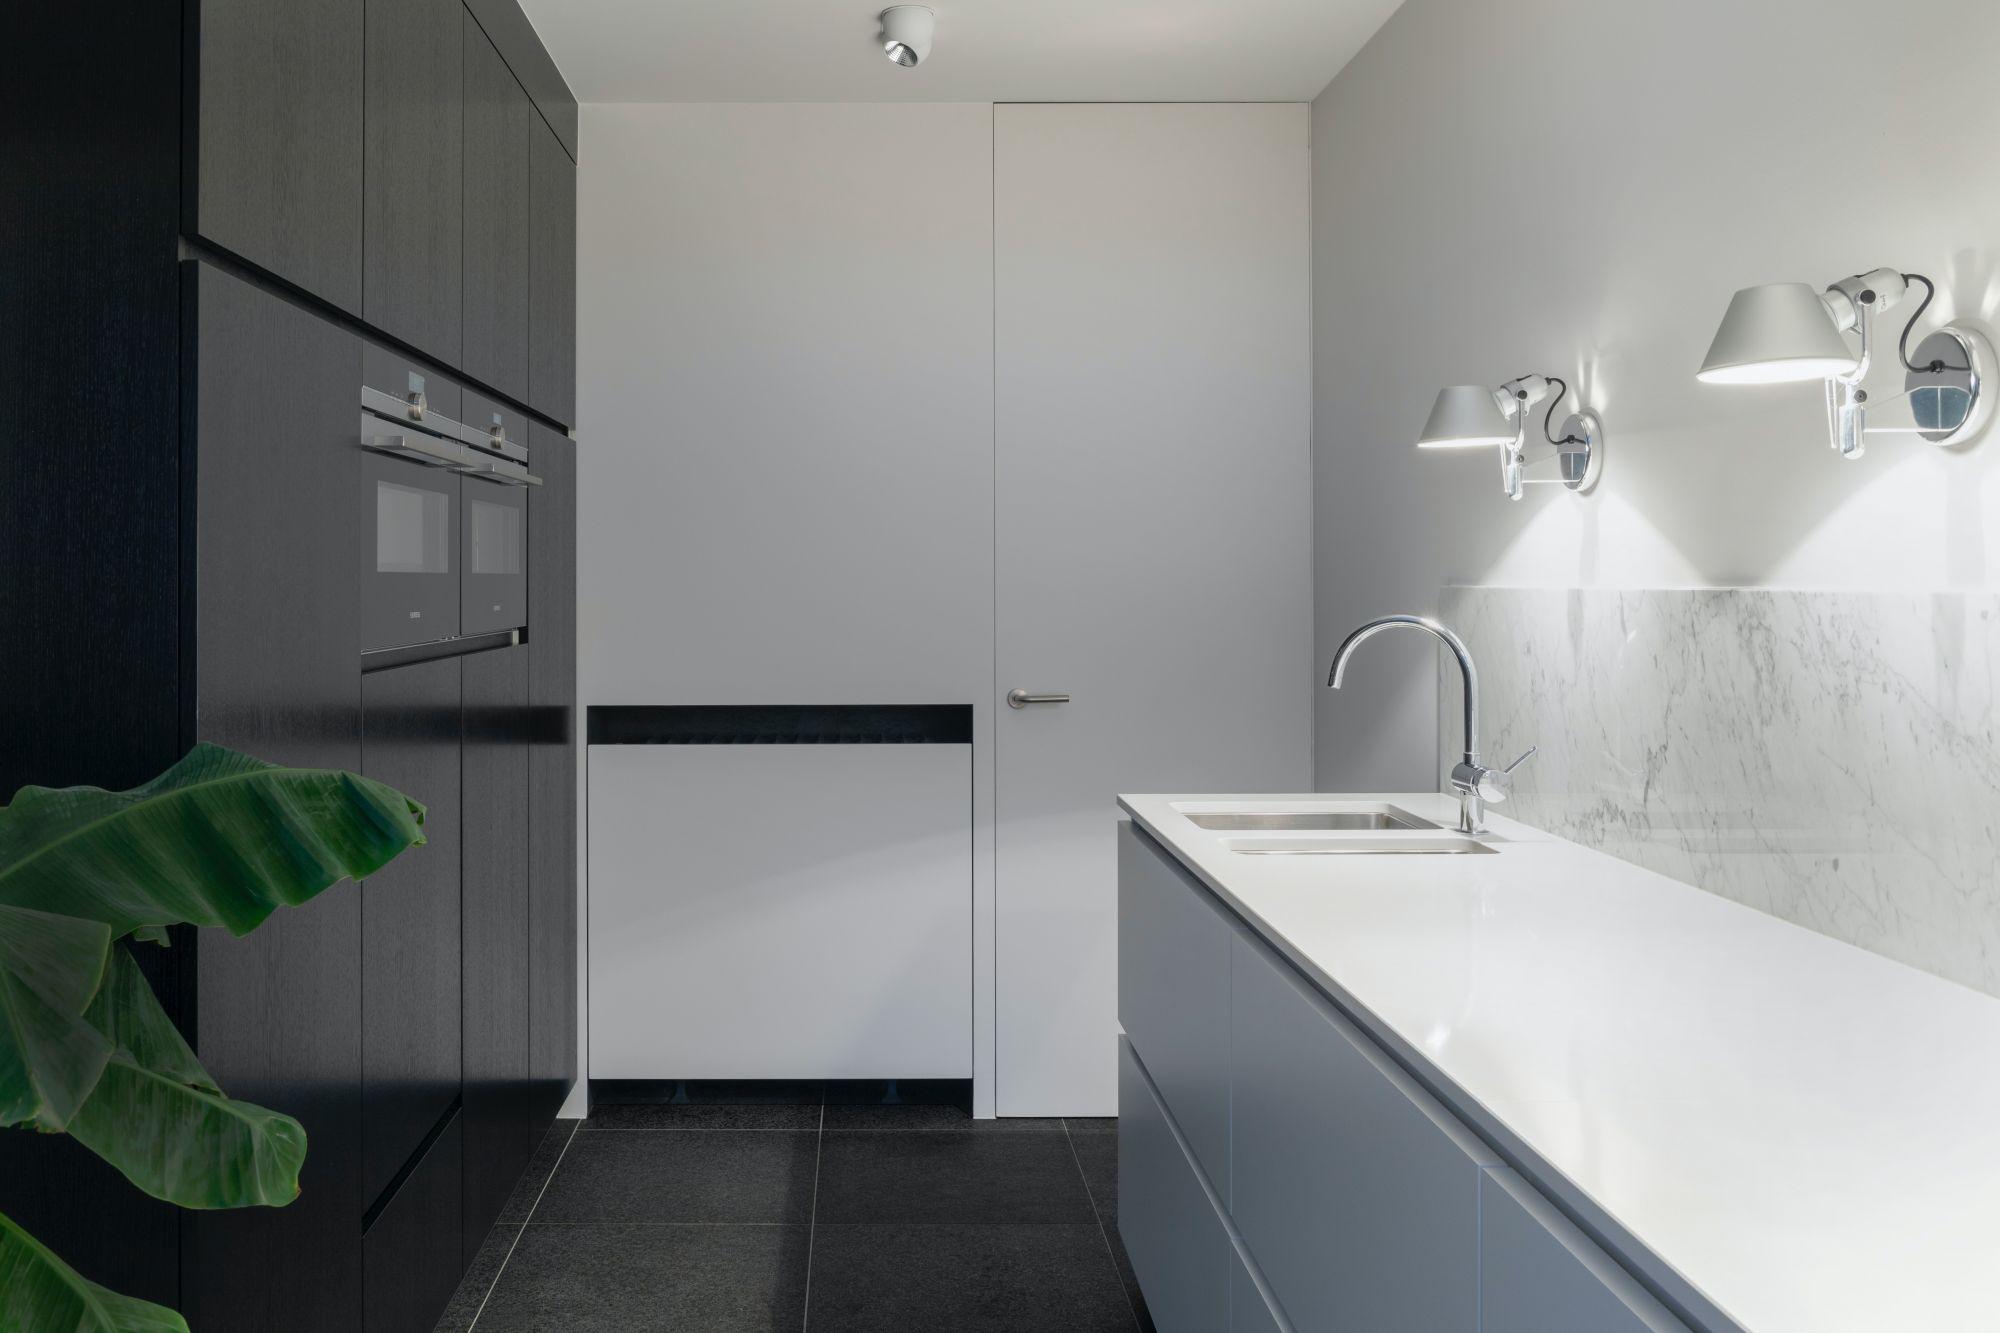 Cucine di design: trendy in modern style